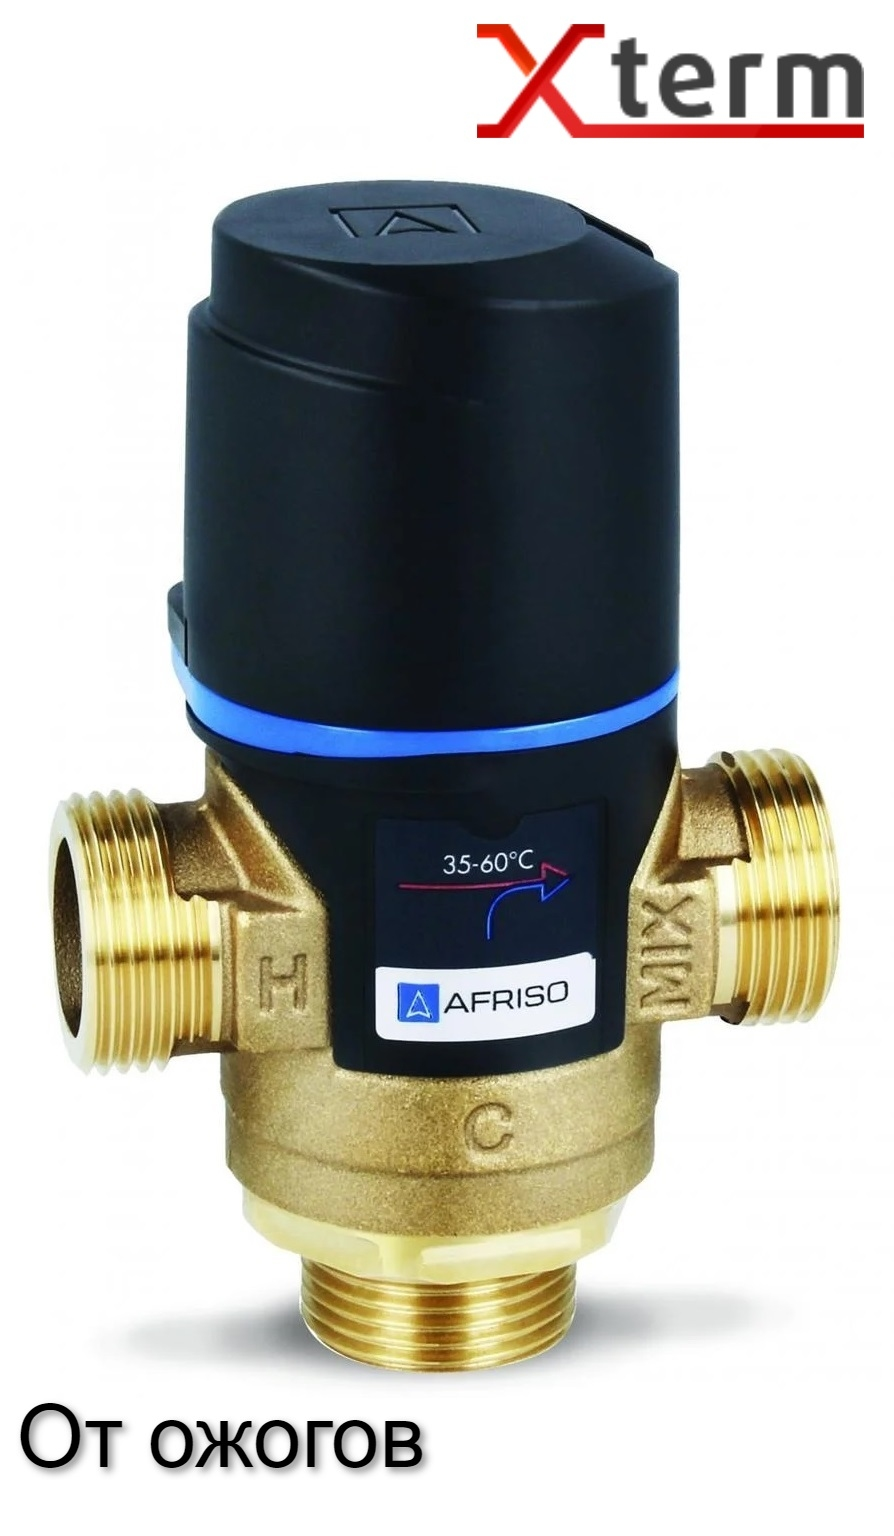 """Термостатический клапан 3/4"""" Afriso ATM343 с защитой от ожогов для ГВС T=35-60°C G 3/4"""" DN15 Kvs 1,6 1234310 - 3"""